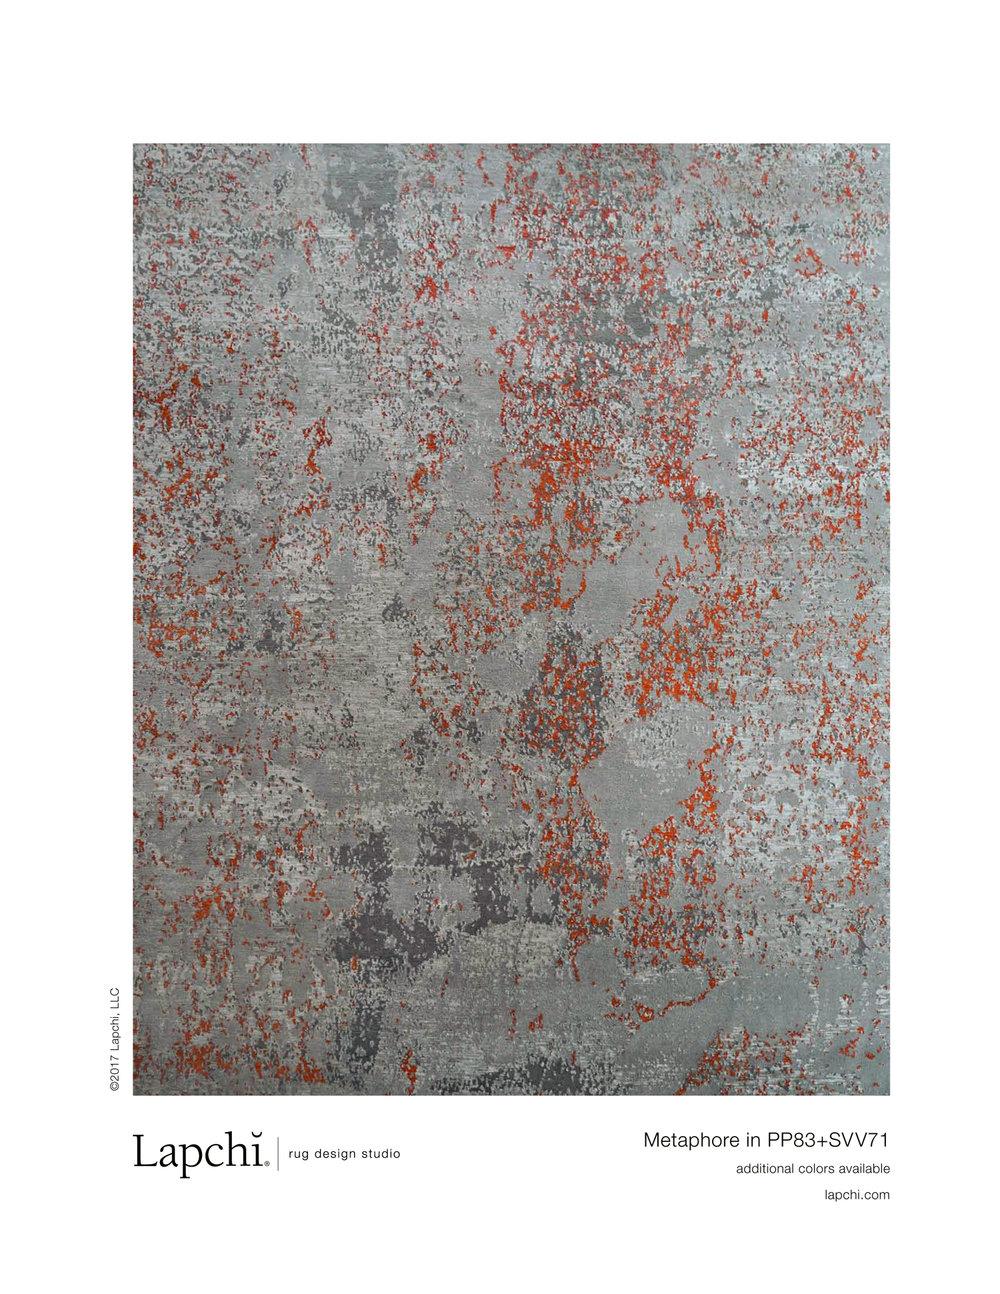 Metaphore area rug from Lapchi rug design studio.